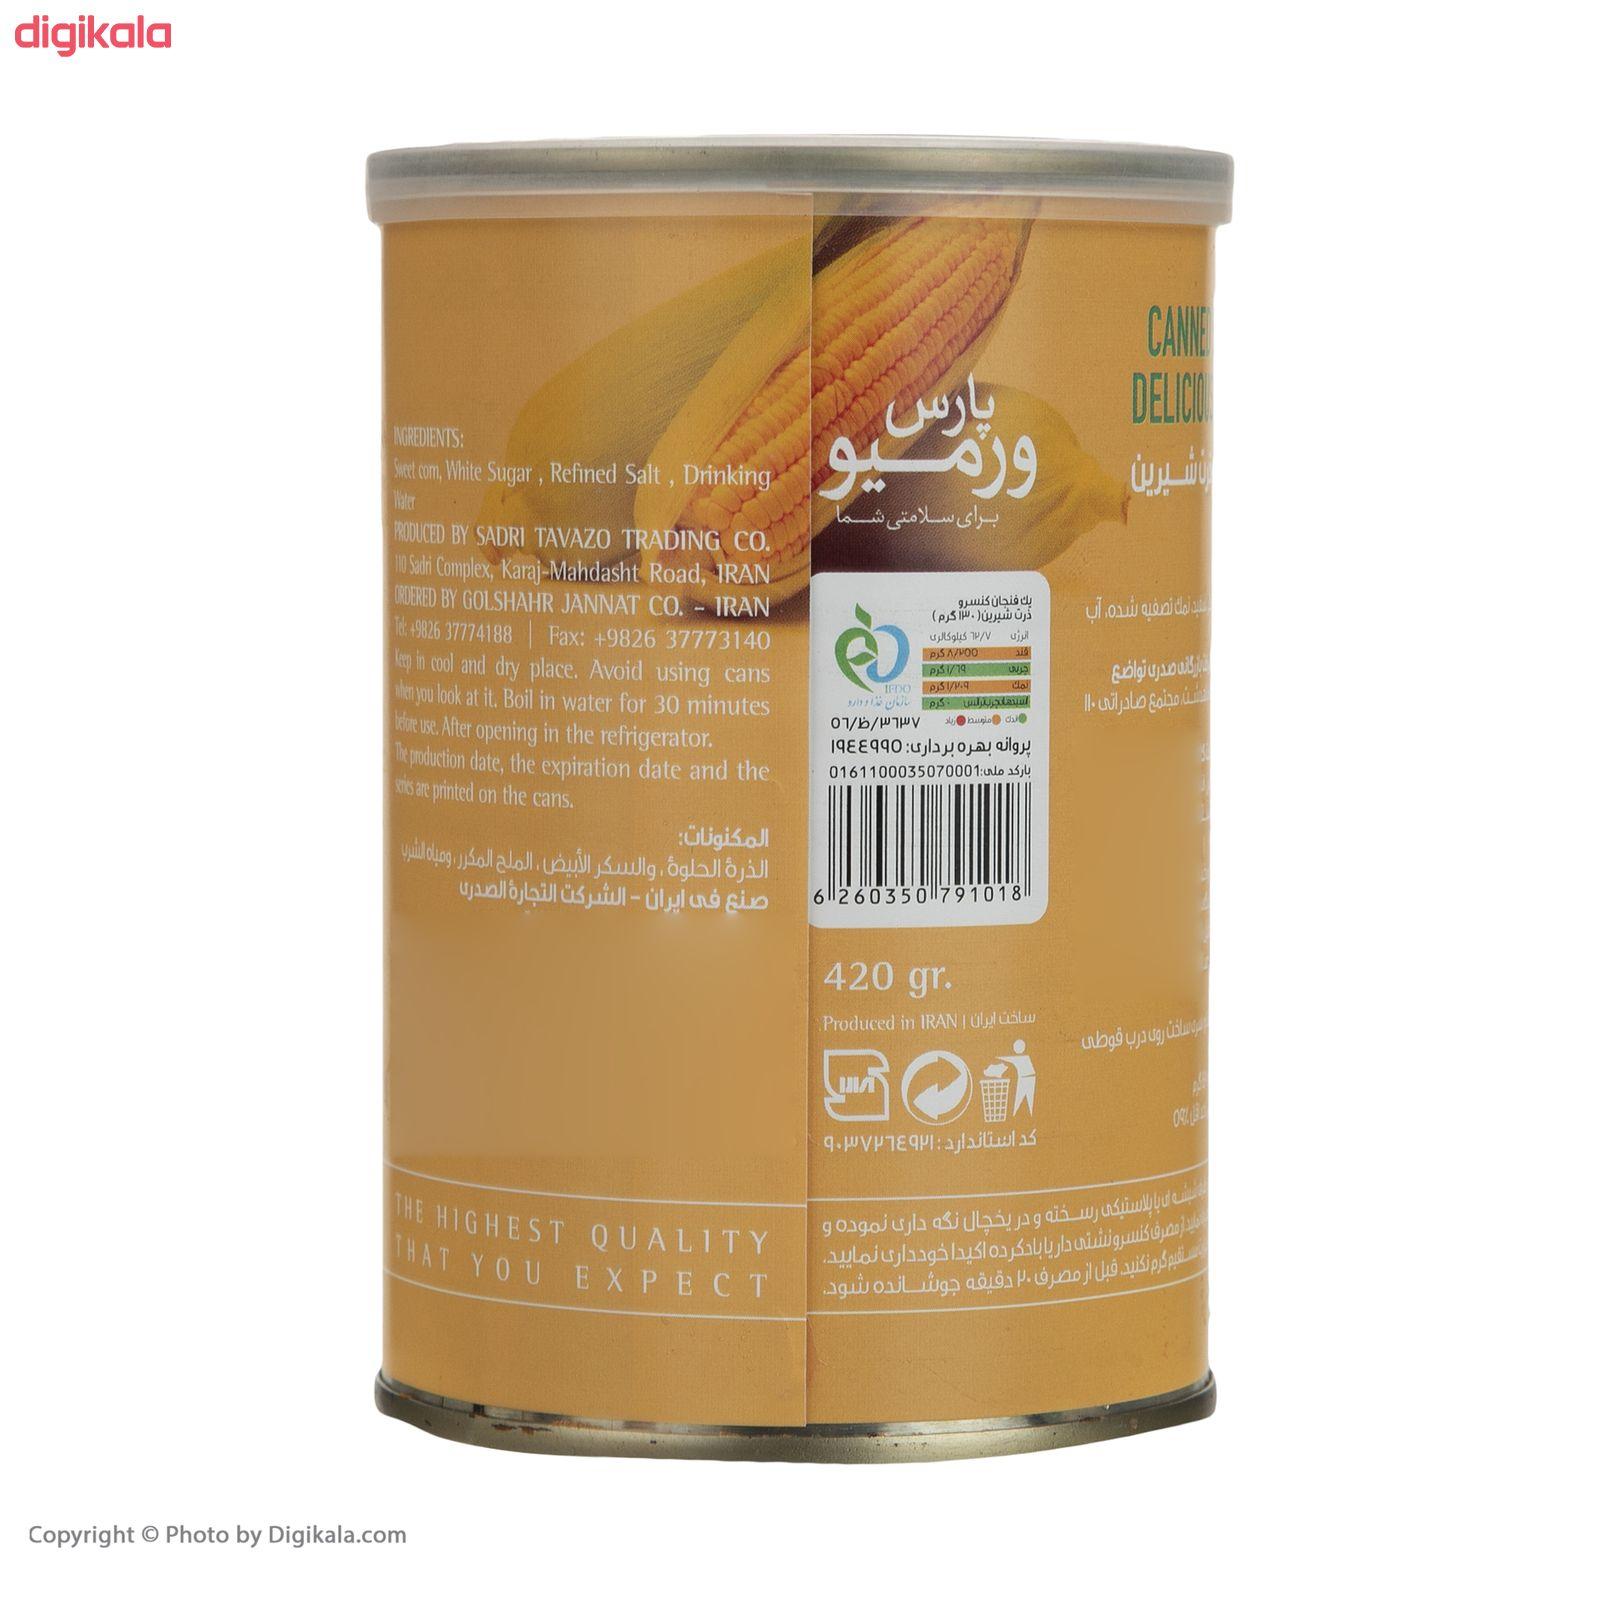 کنسرو ذرت شیرین پارس ورمیو - 420 گرم  main 1 2